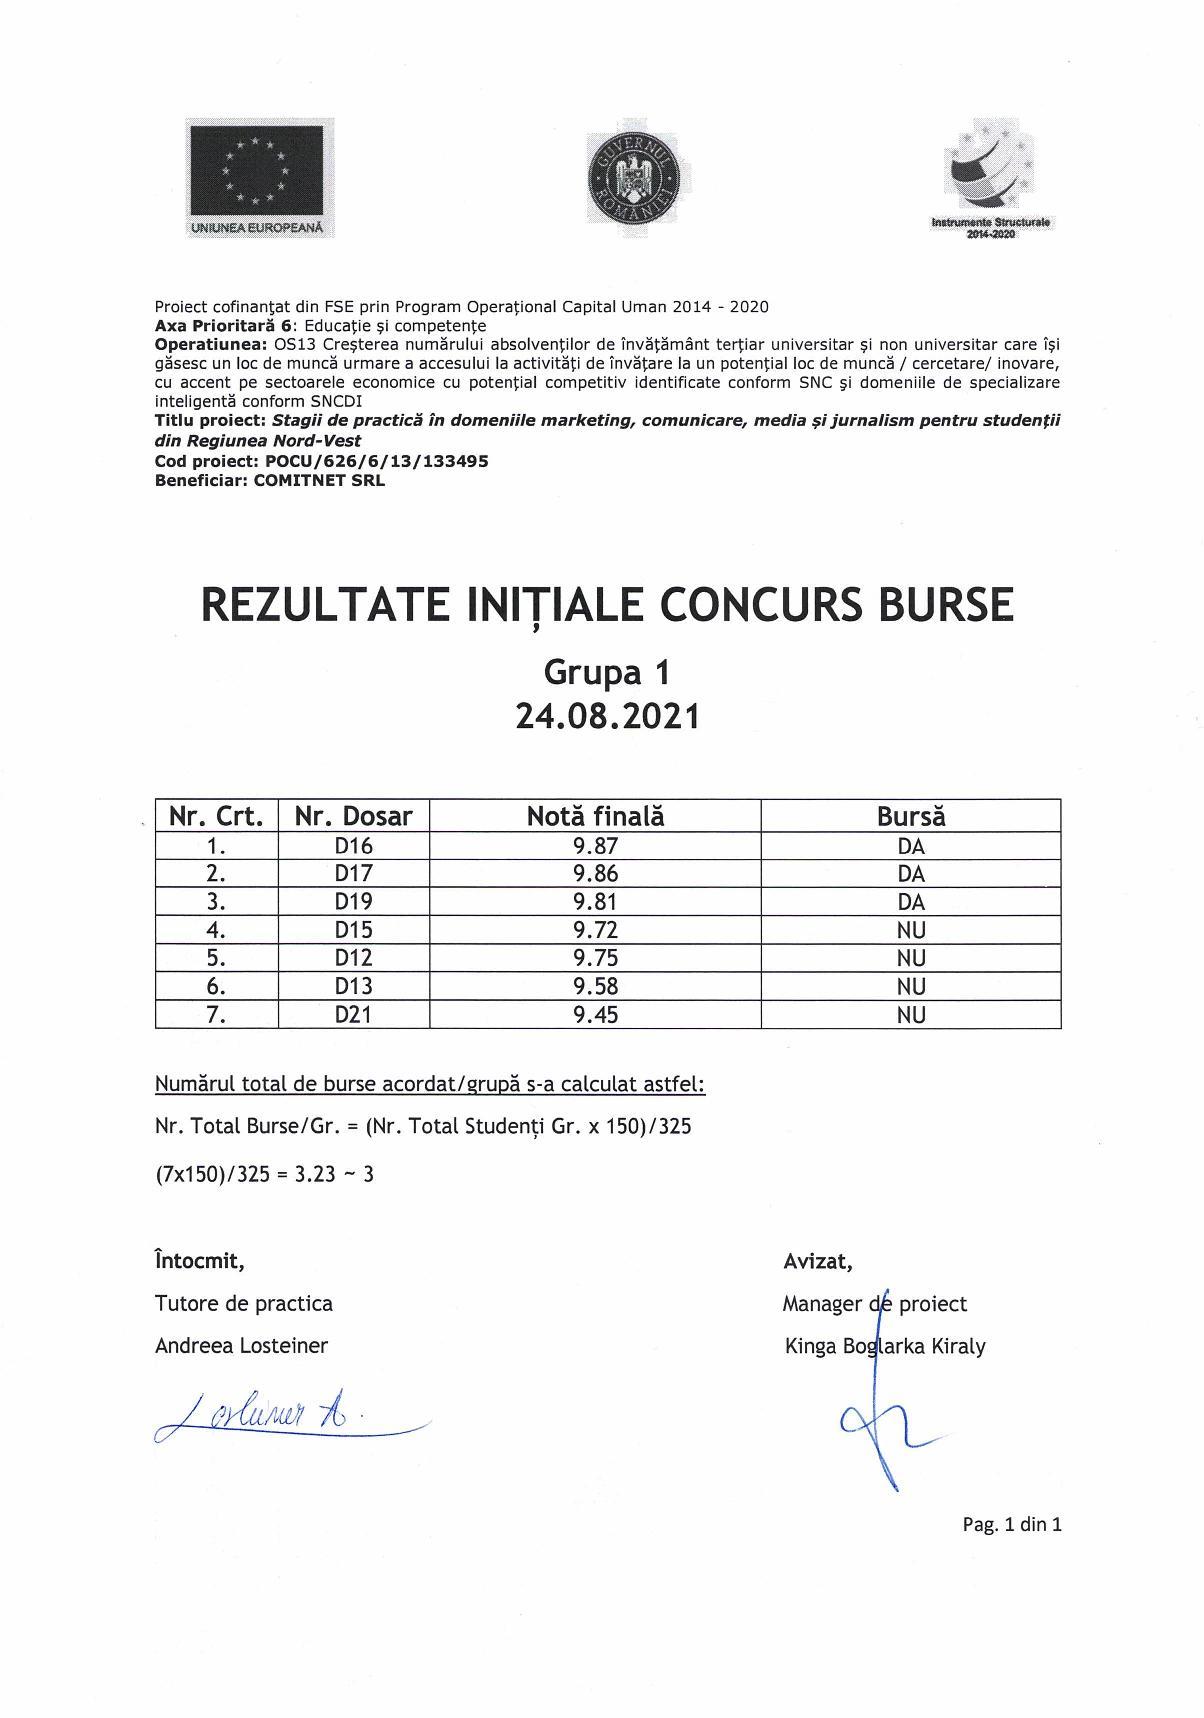 Rezultate initiale burse - gr. 1-page-001